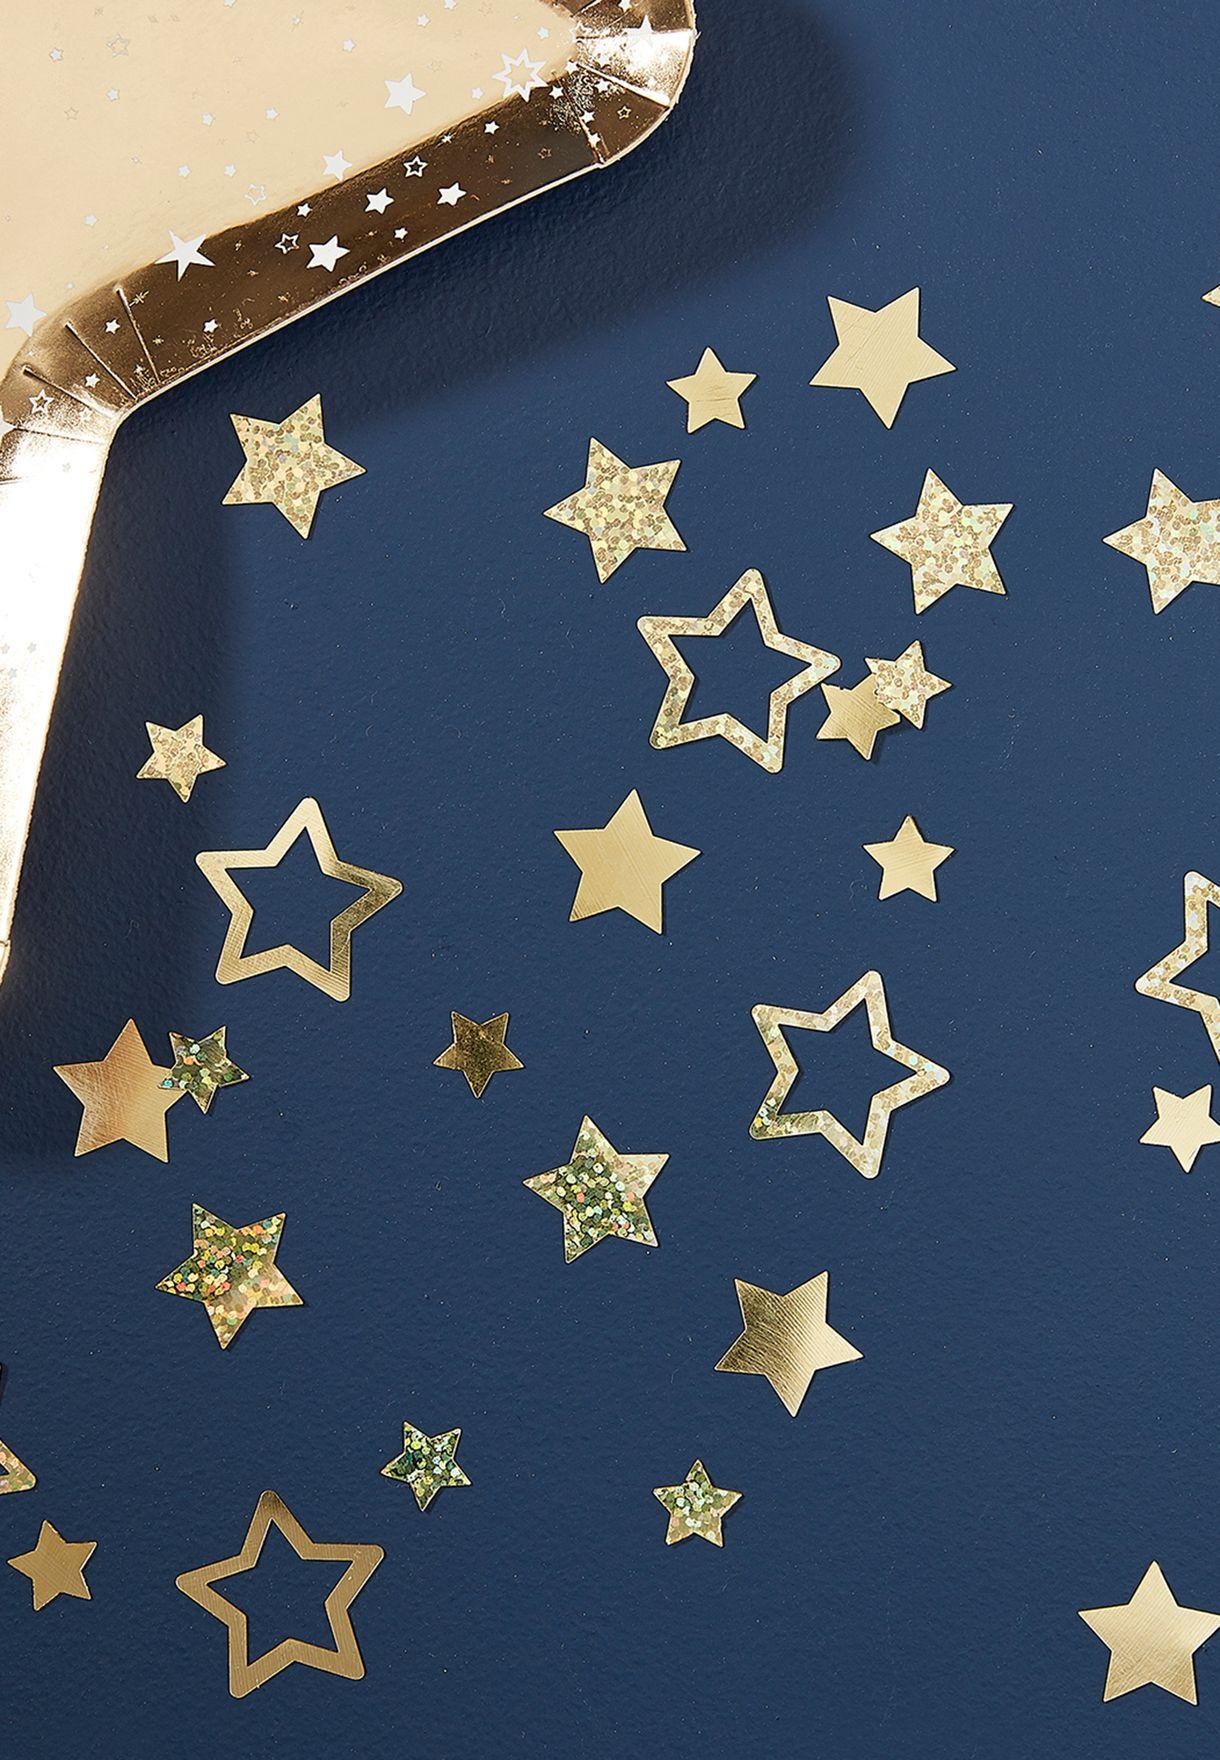 اشكال نجوم براقة